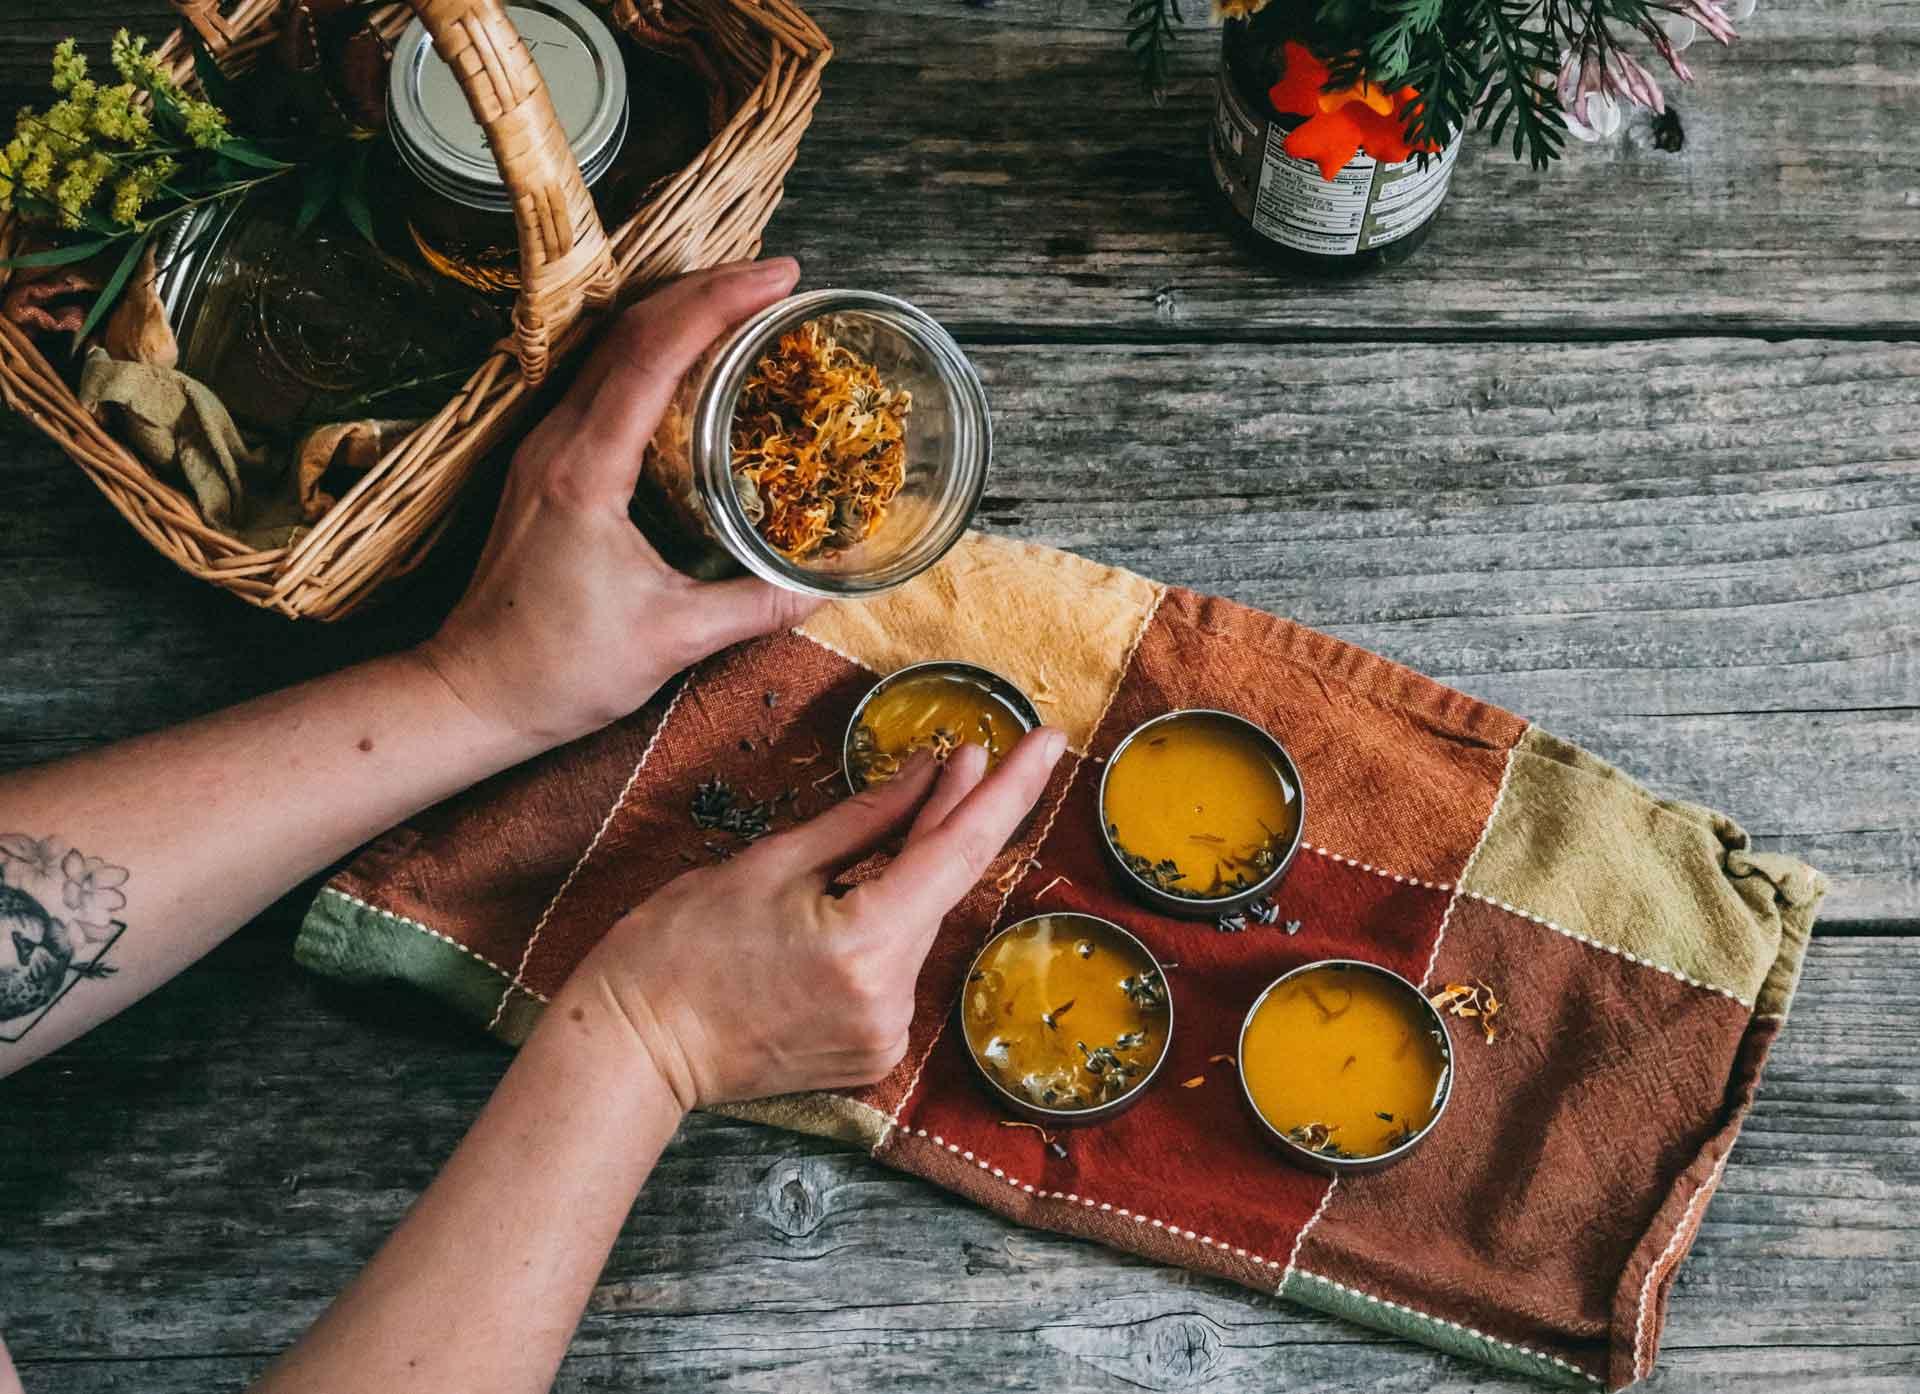 Macchie Di Unto Sulla Pelle i rimedi della nonna con l'olio di oliva - olio gagir